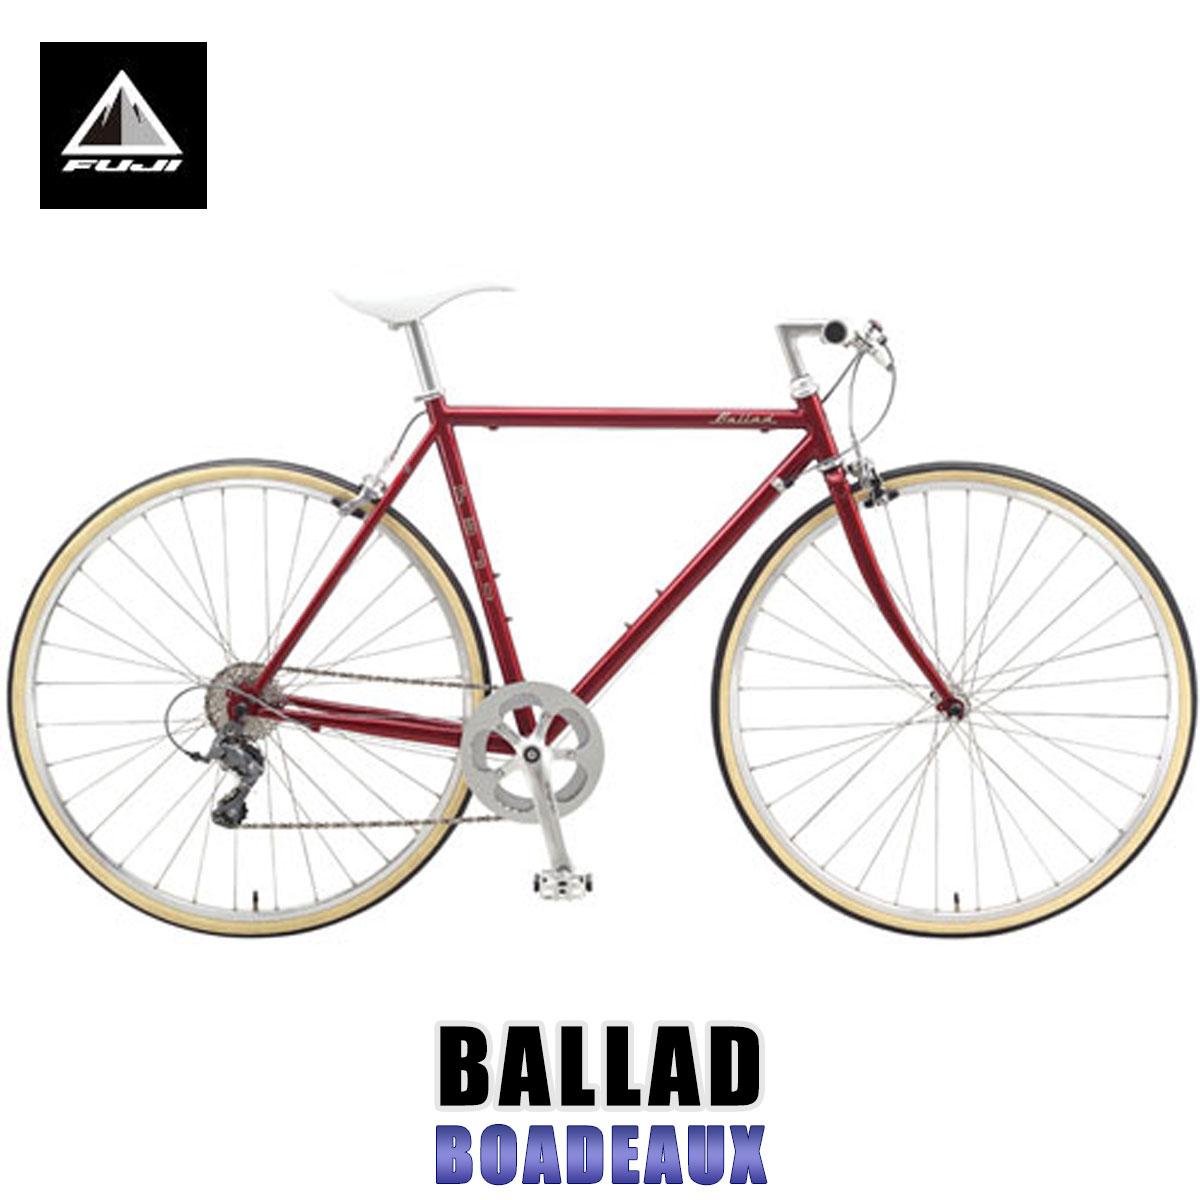 【タイムセール!】 フジ FUJI FUJI 正規販売店 自転車 BIKE) BALLAD (CROSS 自転車 BIKE) BOADEAUX, ストール専門店Neckふぁっしょん:2ce090b6 --- agrohub.redlab.site